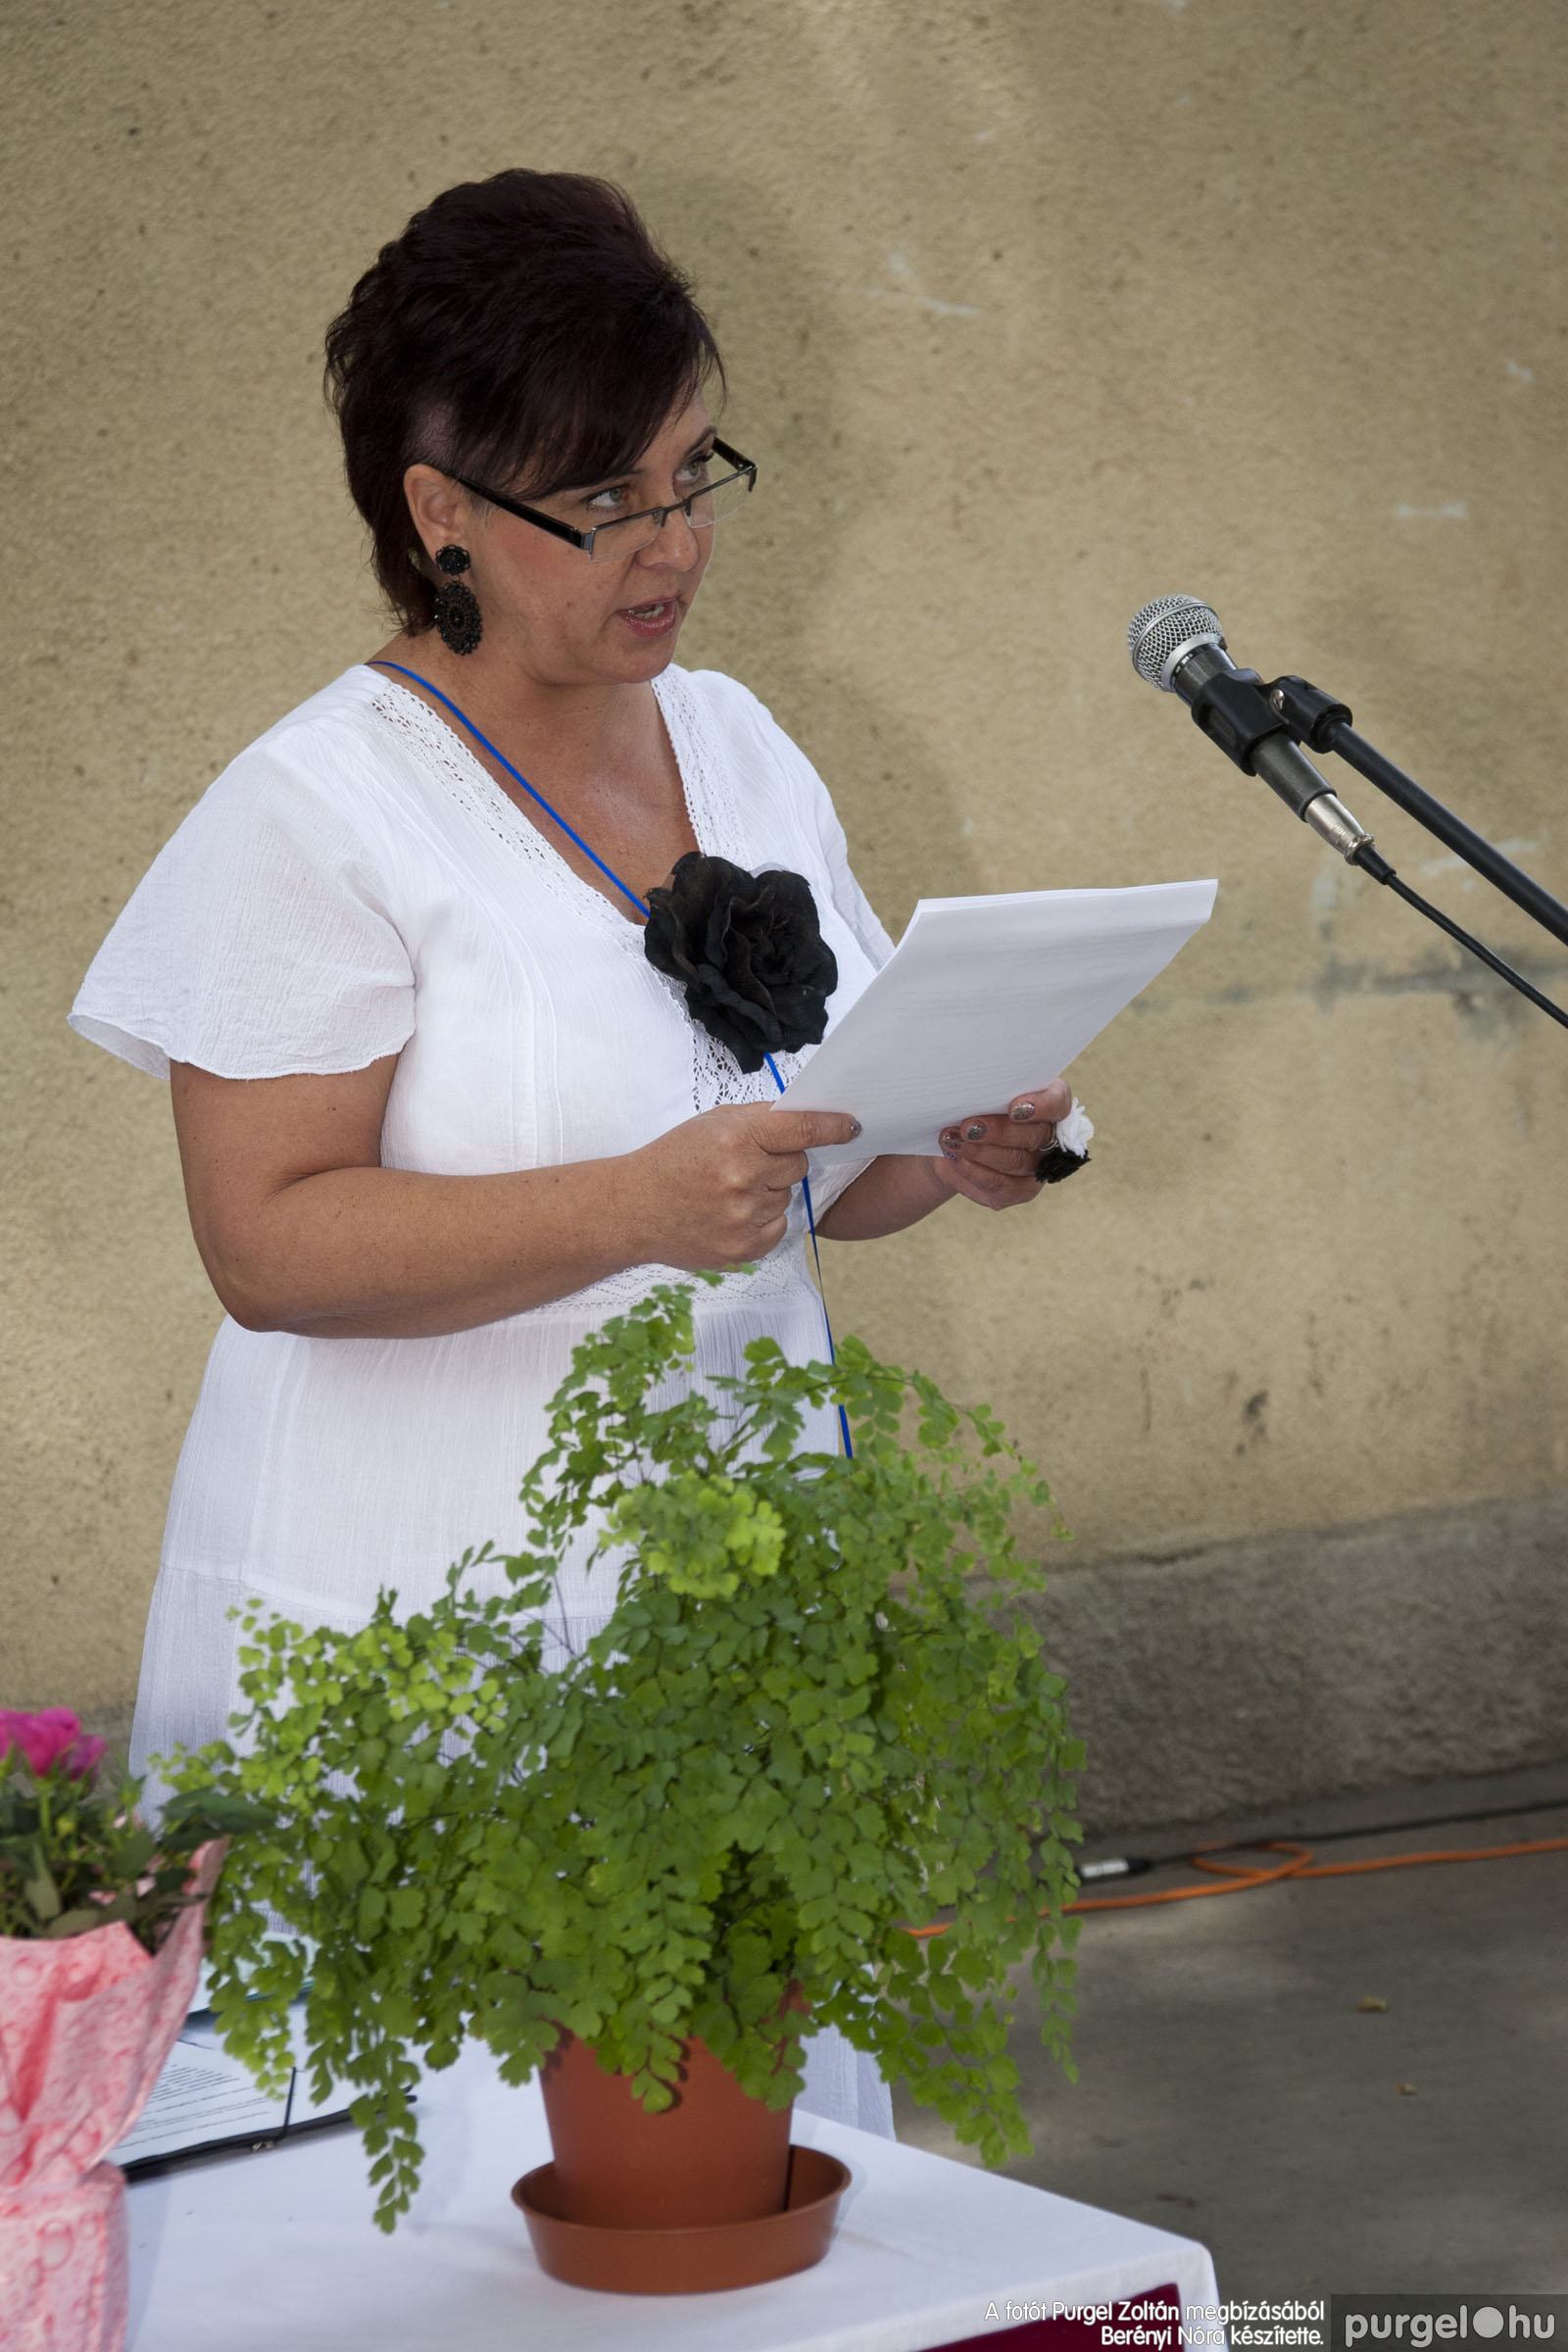 2014.06.14. 212 Forray Máté Általános Iskola ballagás 2014. - Fotó:BERÉNYI NÓRA© _MG_5858.jpg